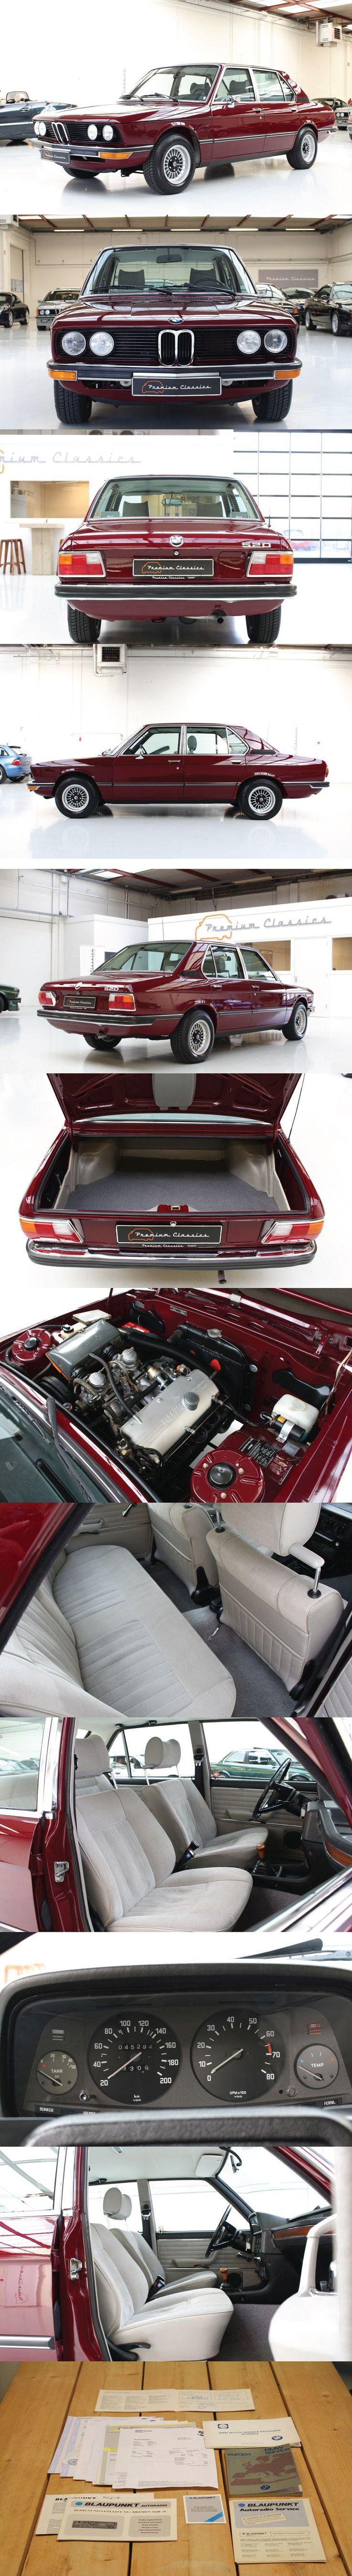 1974 BMW 520i e12